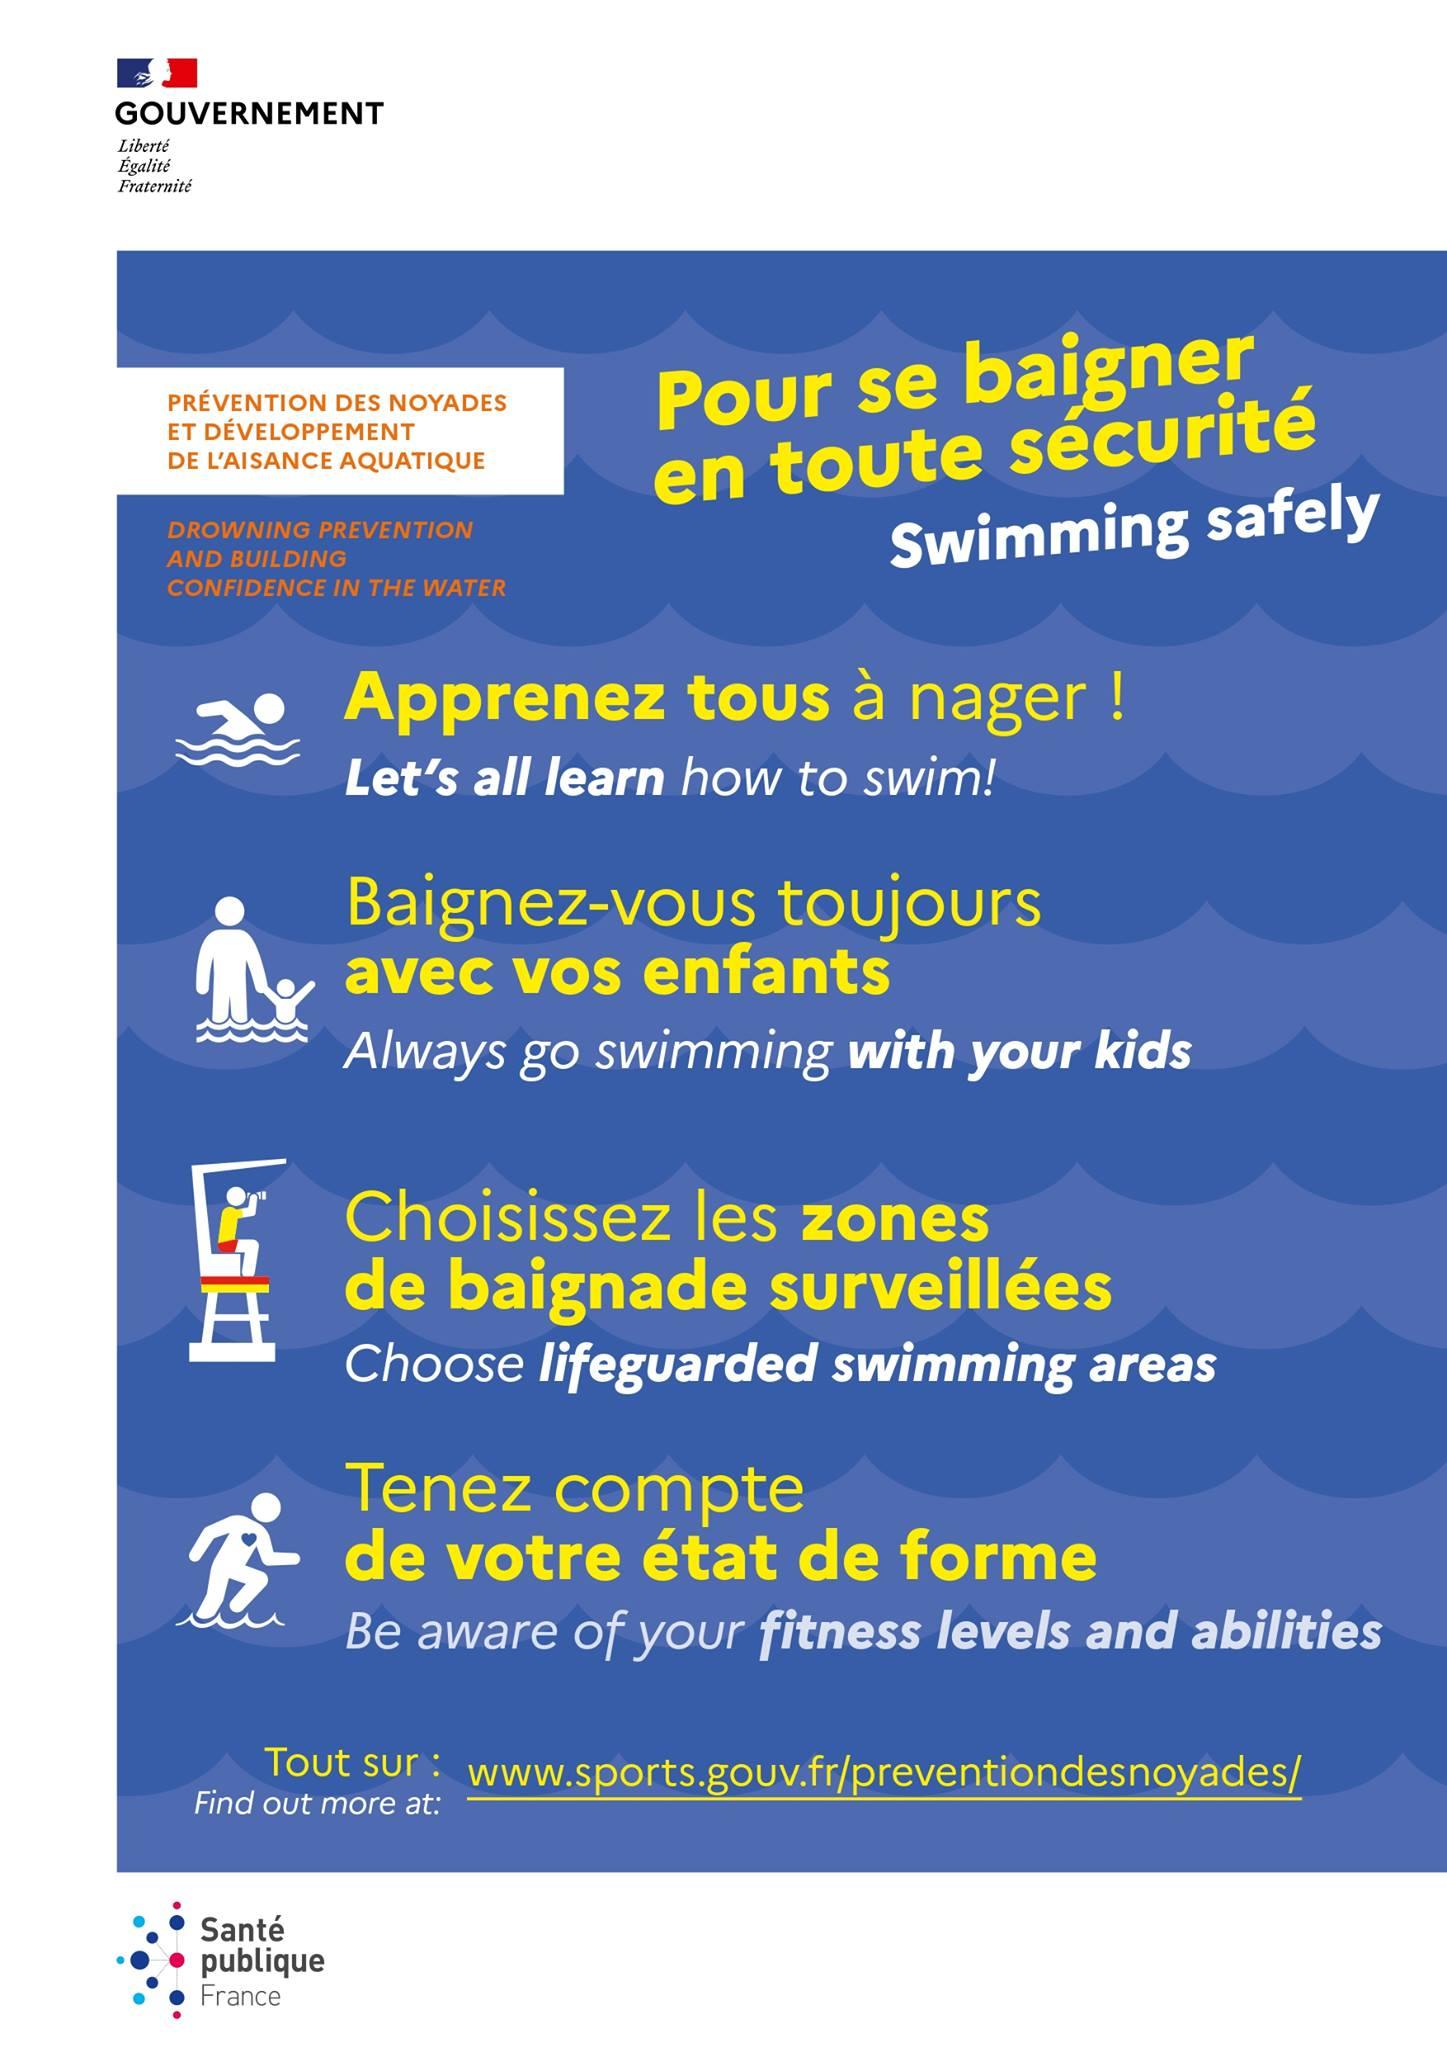 Pour se baigner en toute sécurité